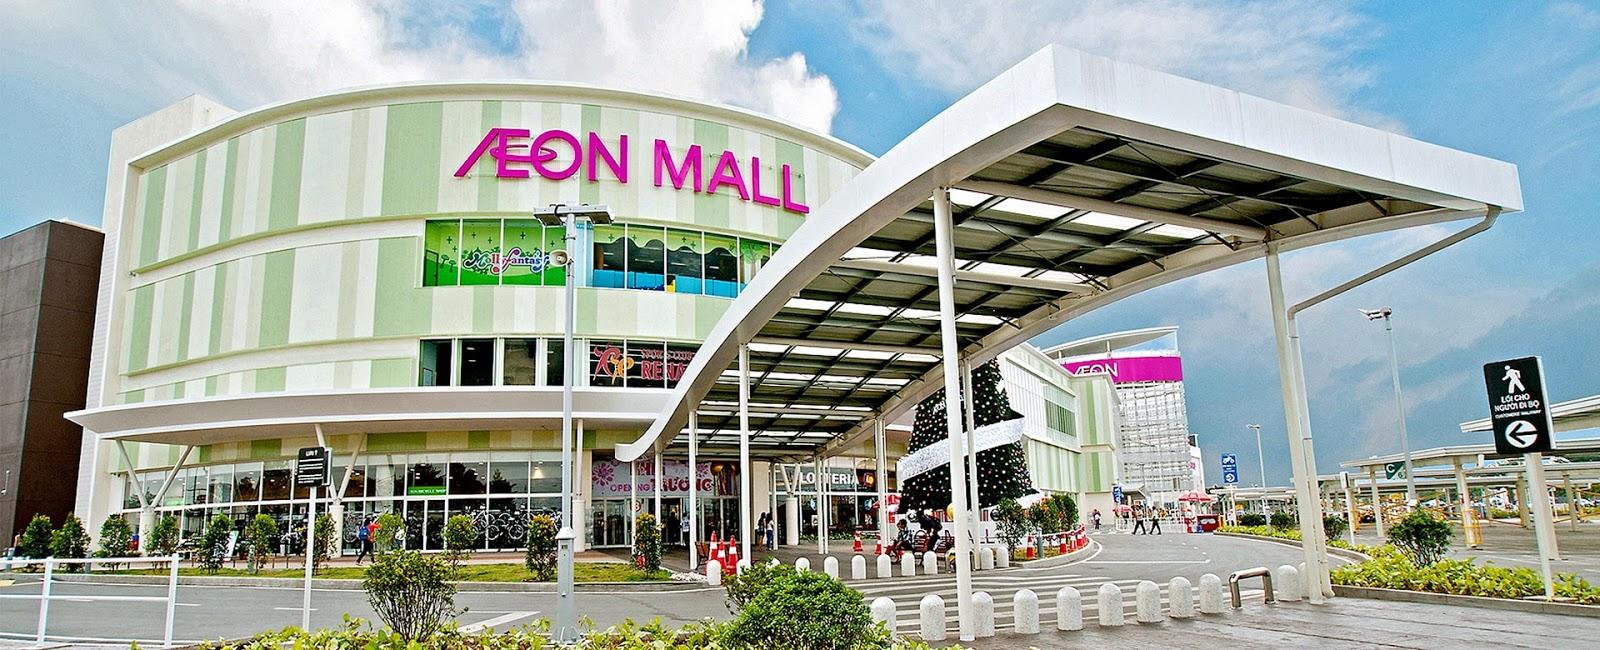 Trung tâm thương mại Aeon Mall Hoàng Mai